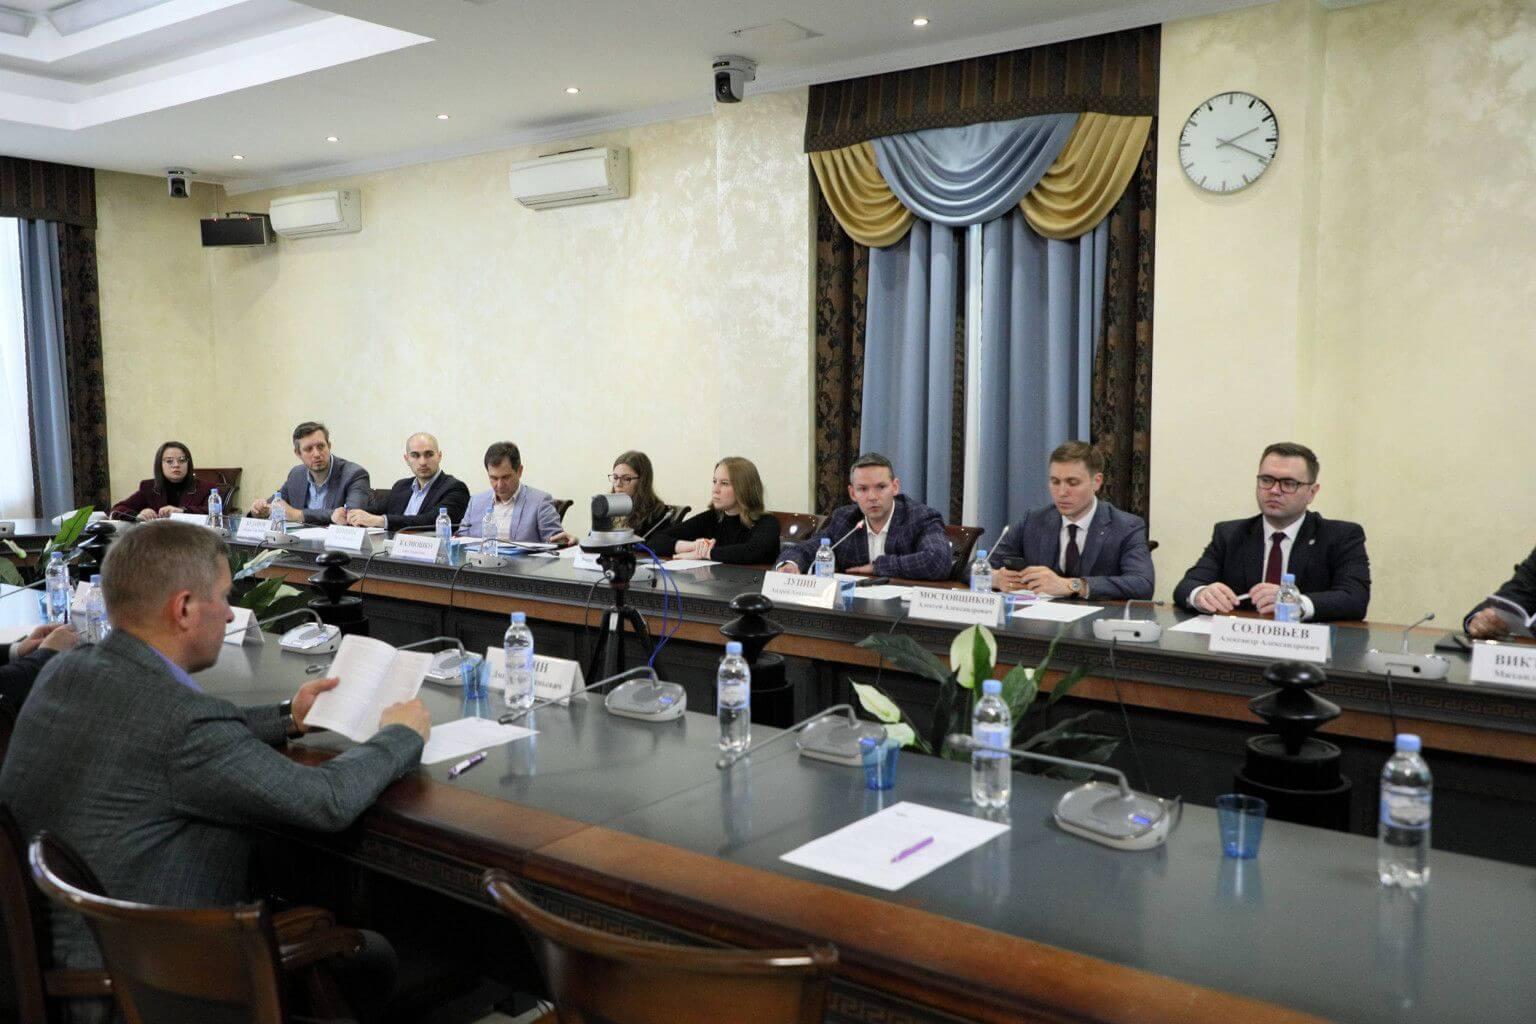 Росаккредитация приняла участие в обсуждении способов борьбы с мошенническими схемами на строительном рынке